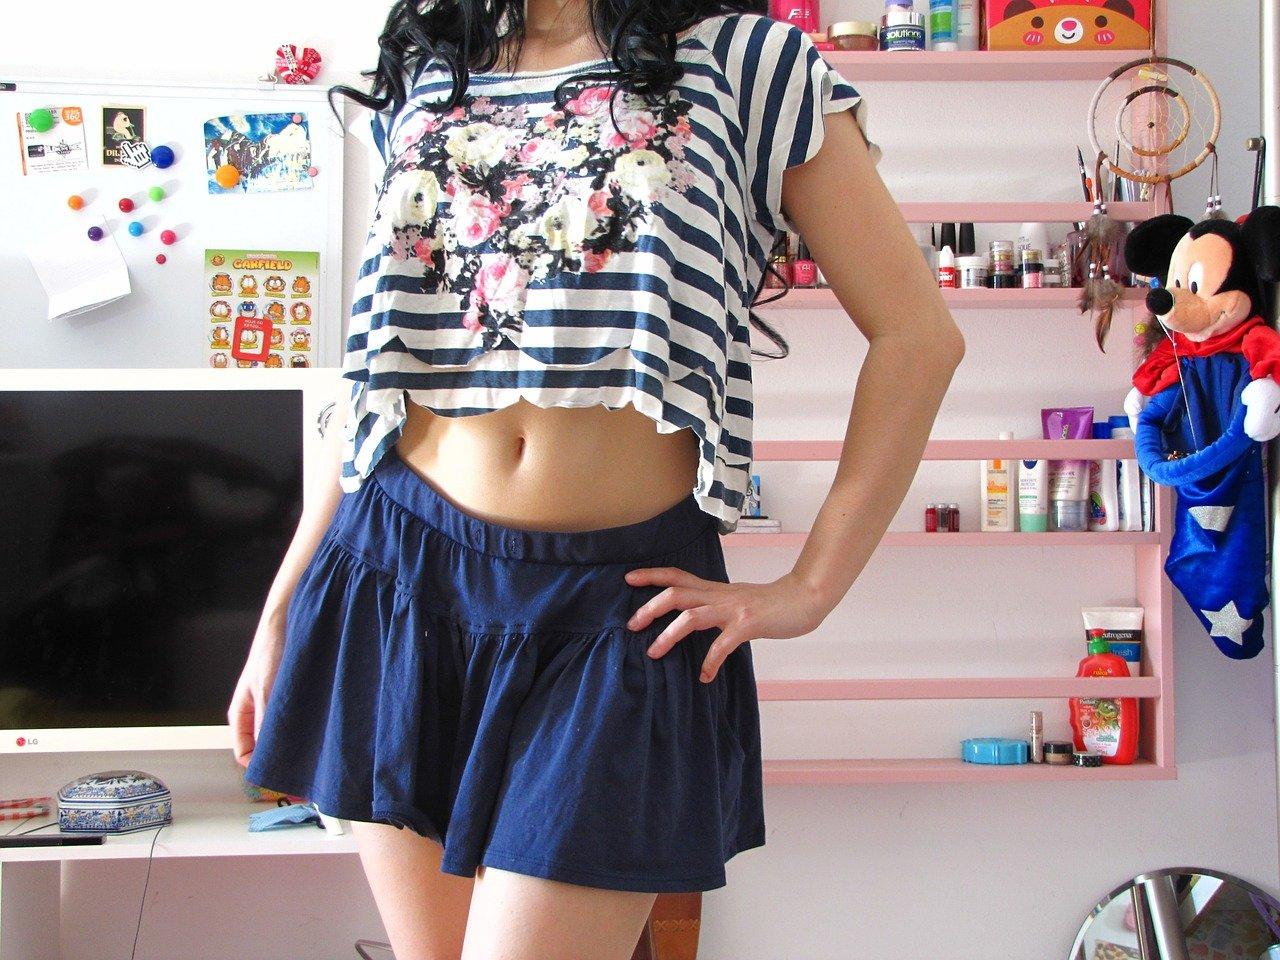 spódnica spódniczka dziewczyna uczennica stock - Pixabay